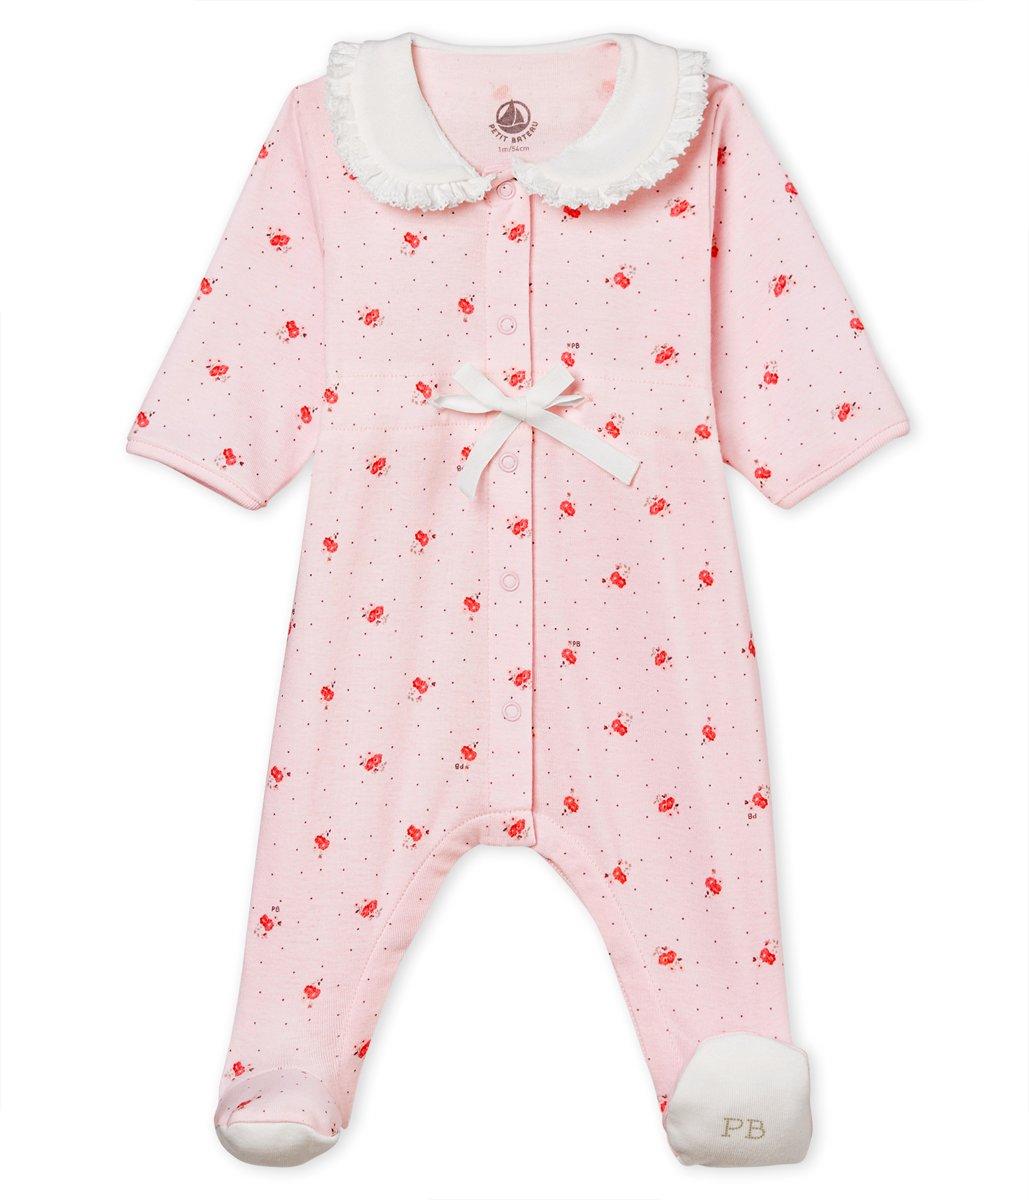 Petit Bateau Meisjes Baby Boxpak - roze - Maat 68 kopen